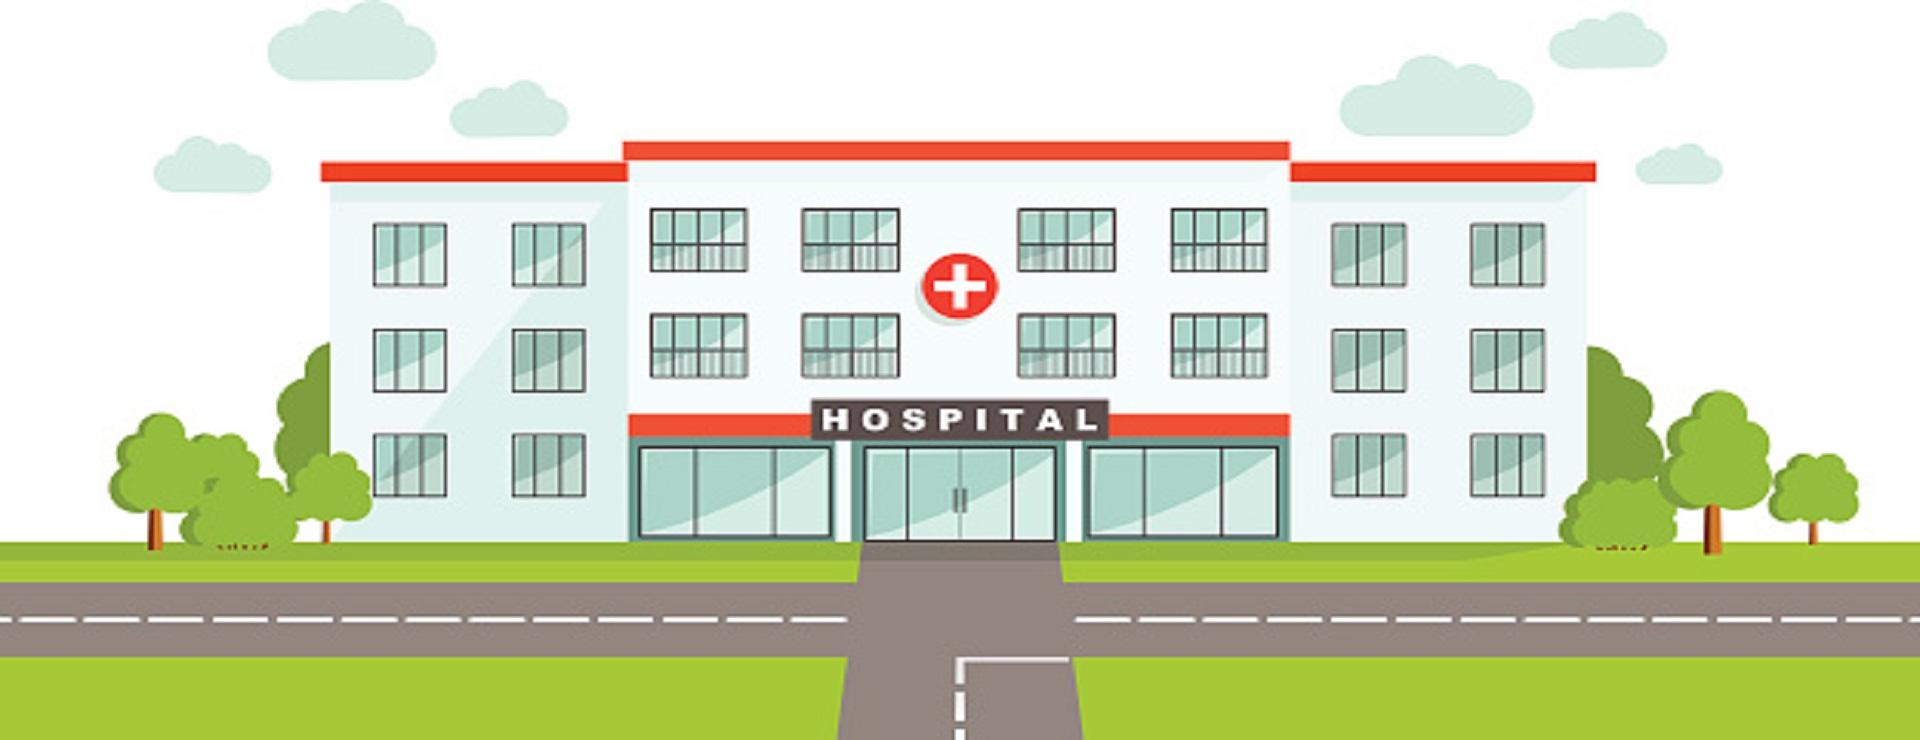 Tariq hospital